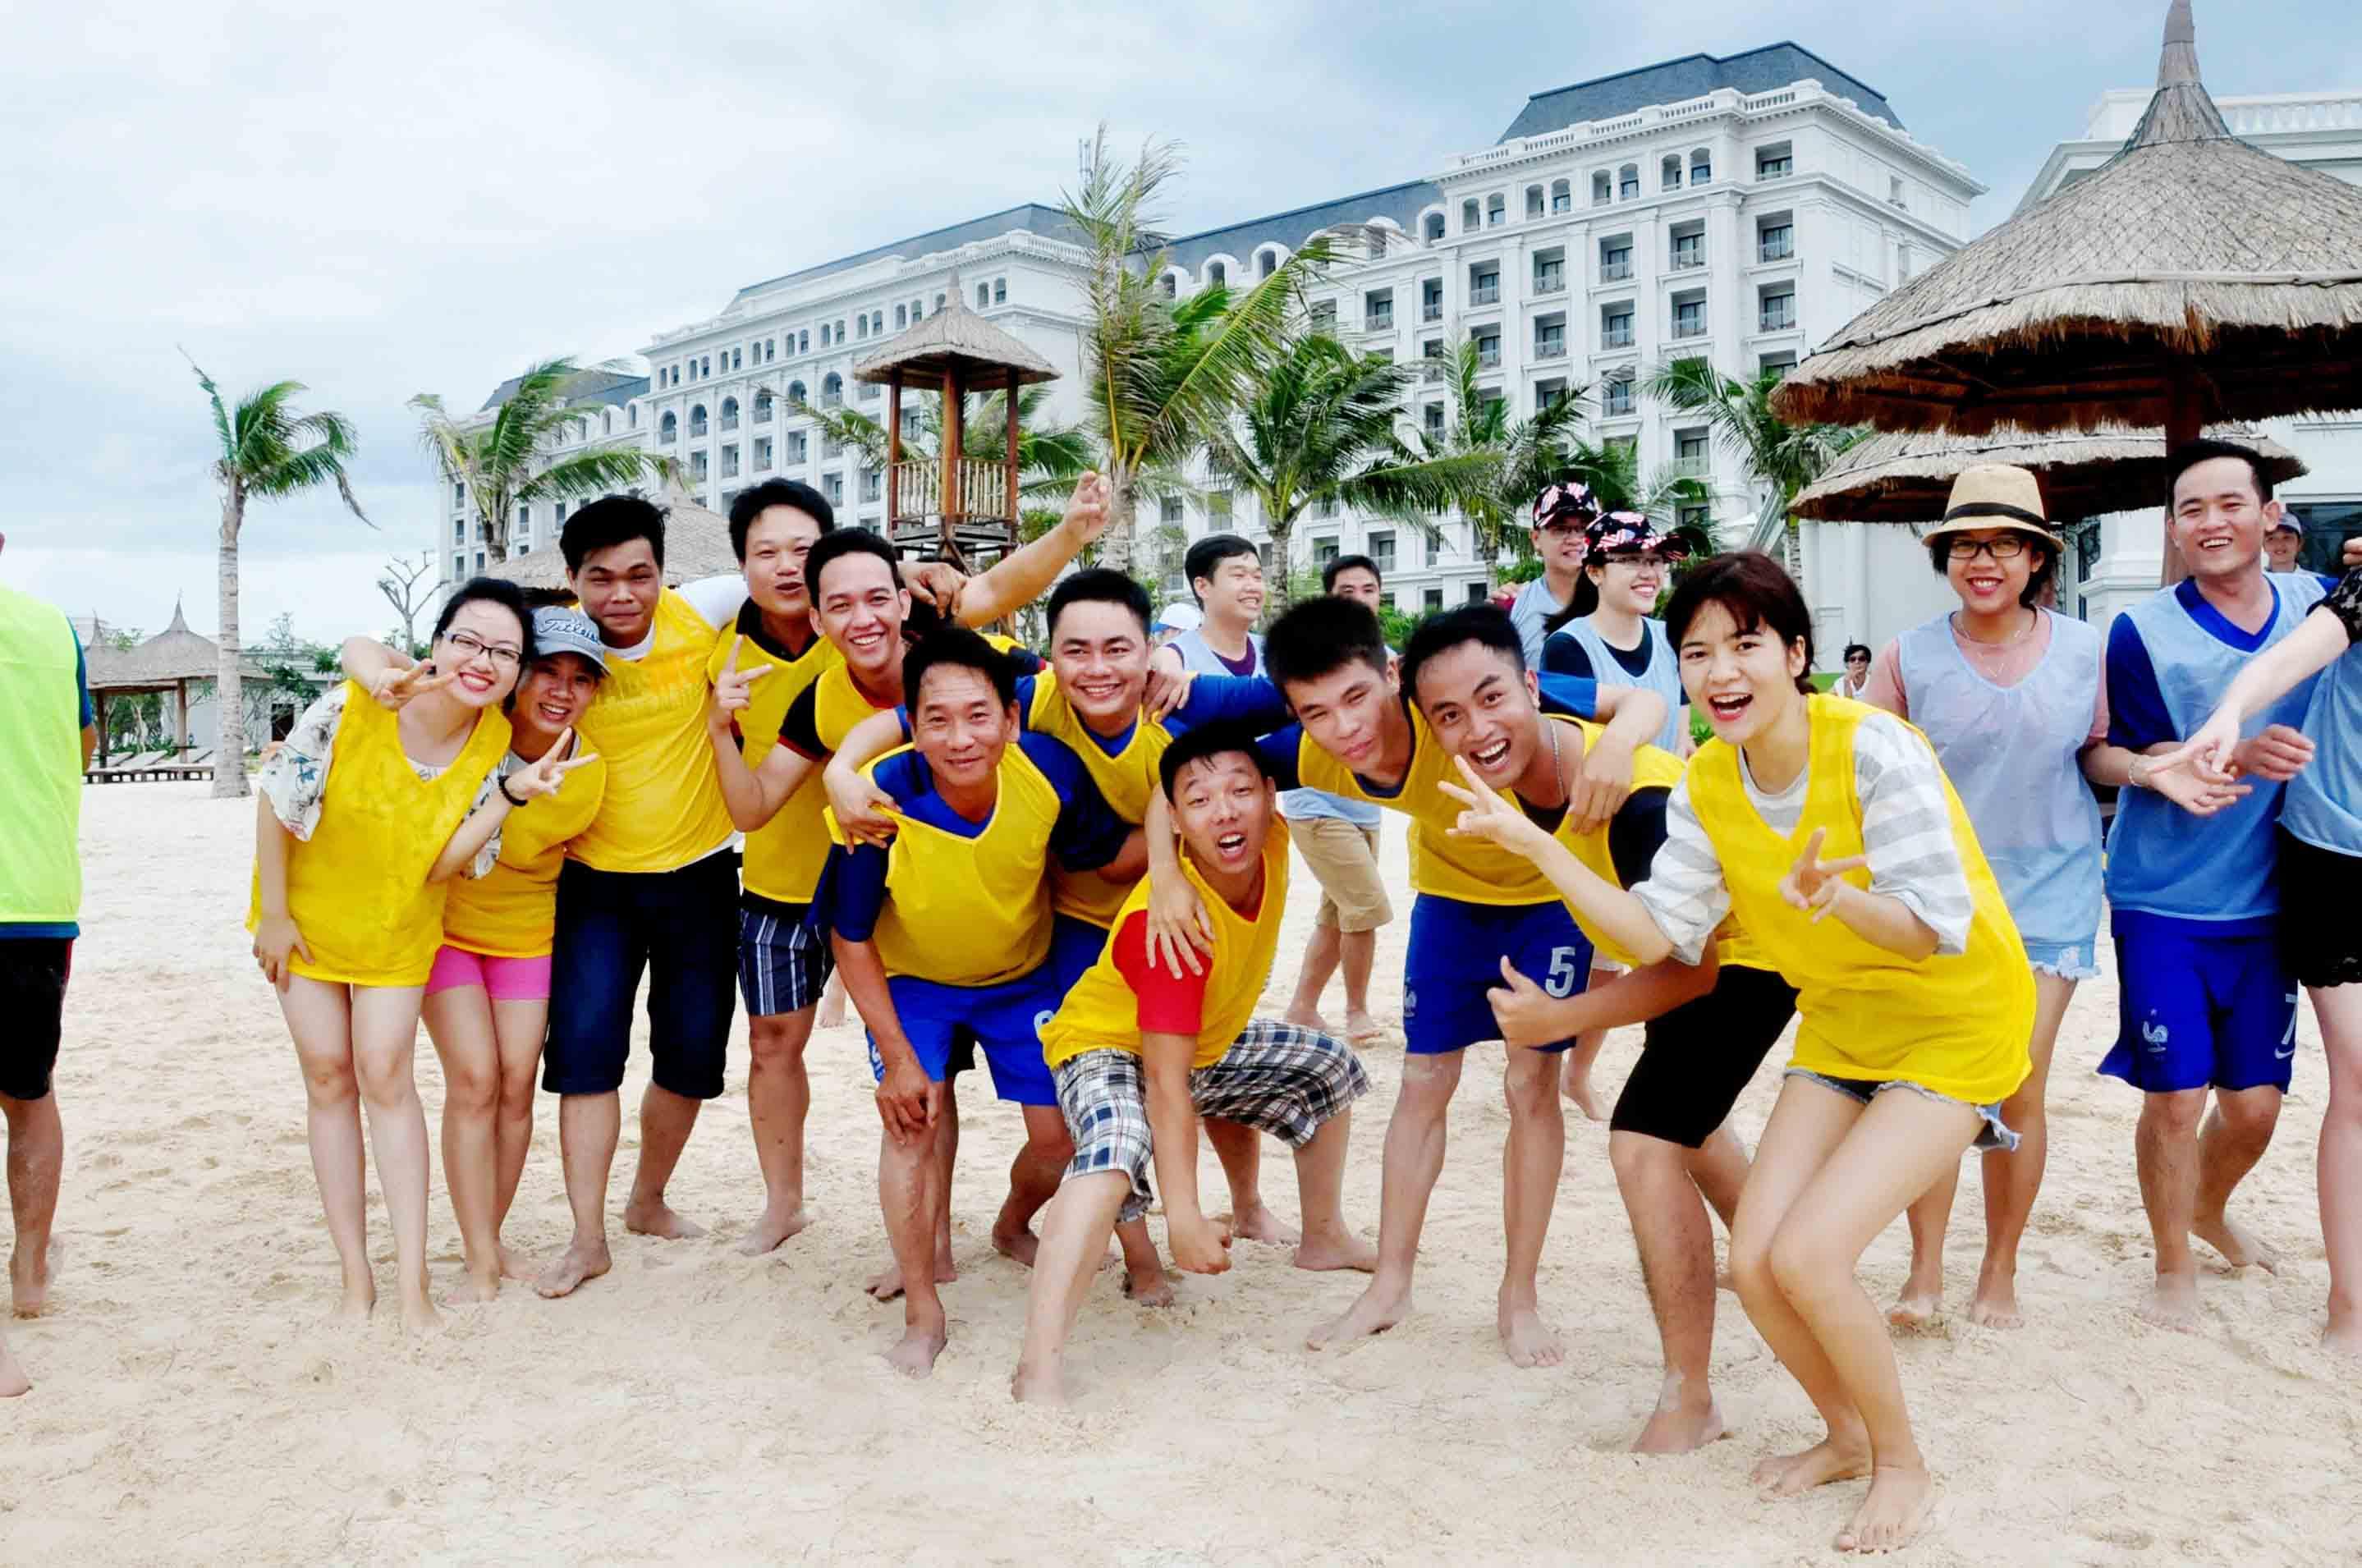 Hạo Phương du lịch nghỉ dưỡng tại Vinpearl Phú Quốc, ảnh 8